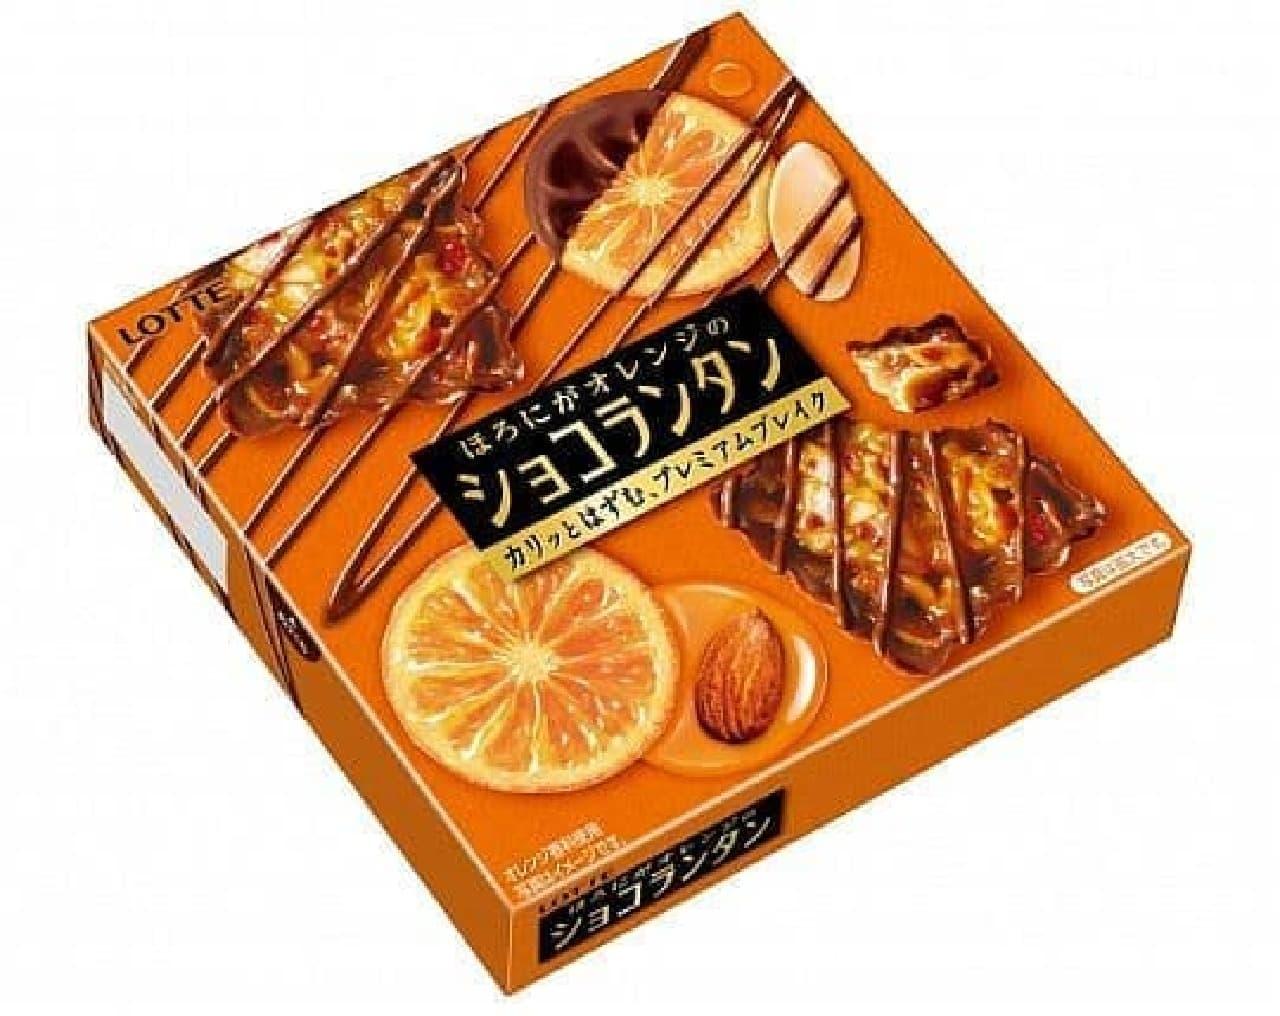 ロッテ「ほろにがオレンジのショコランタン」